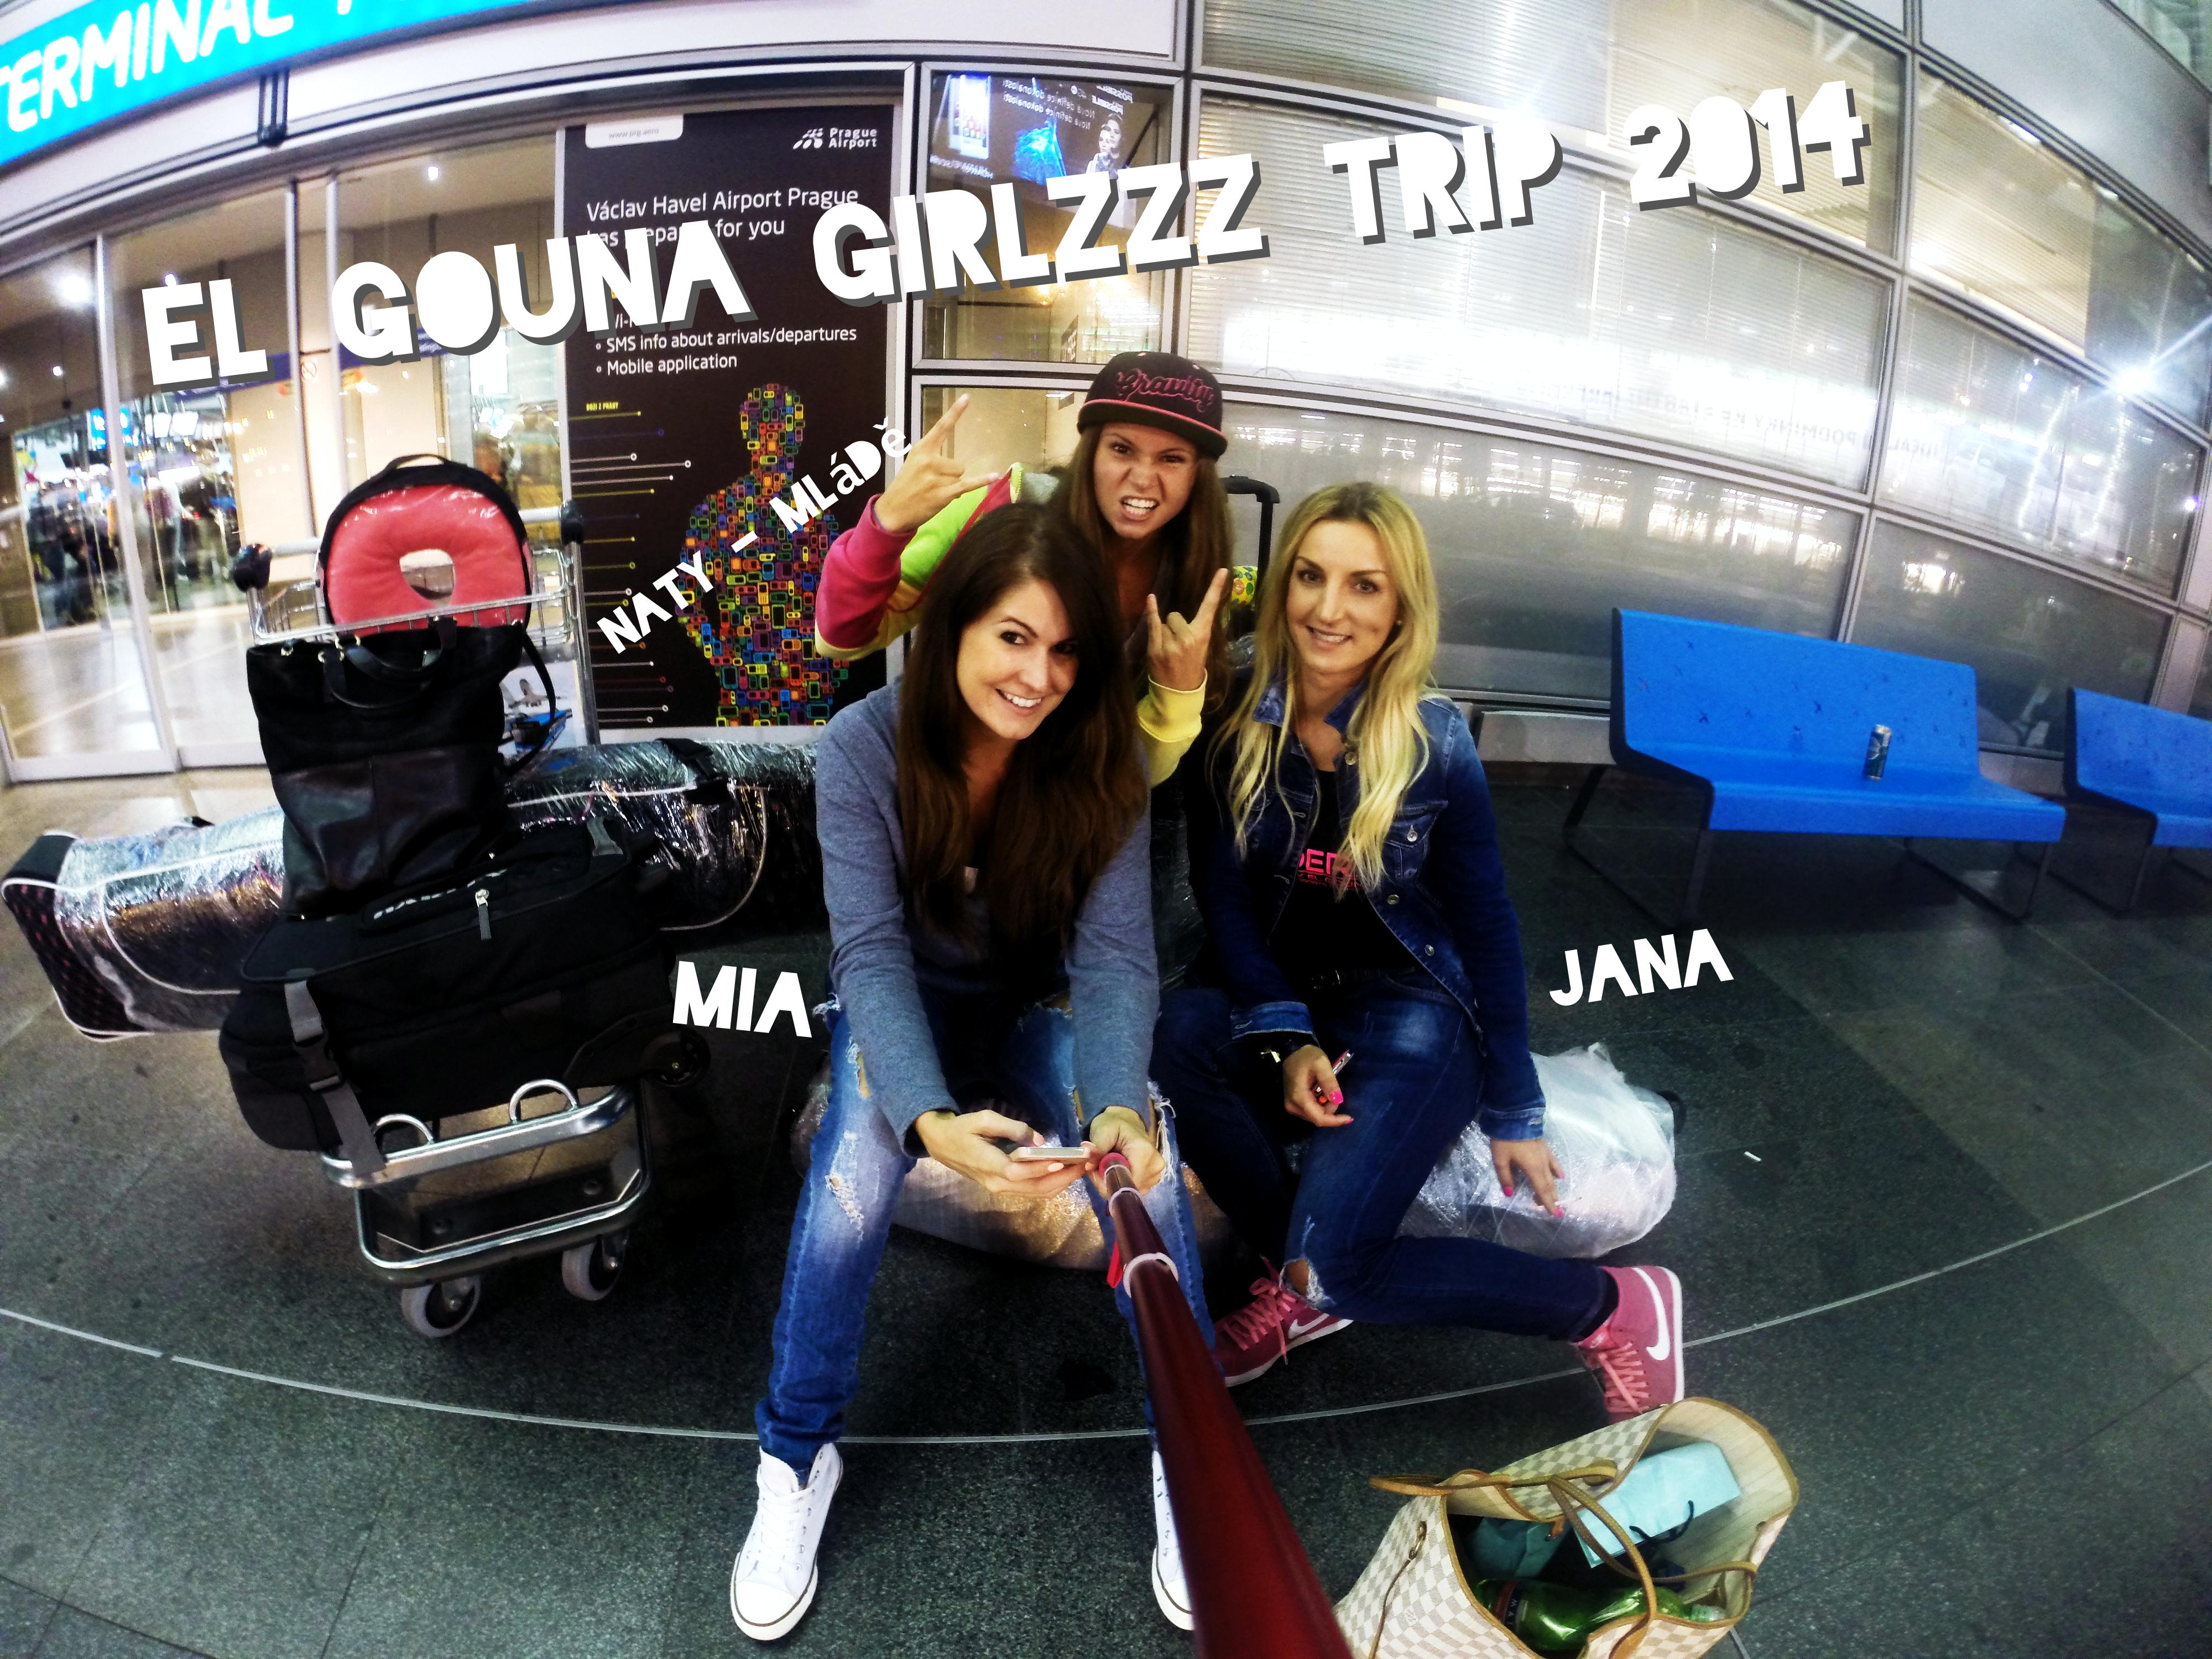 Gilzzz trip